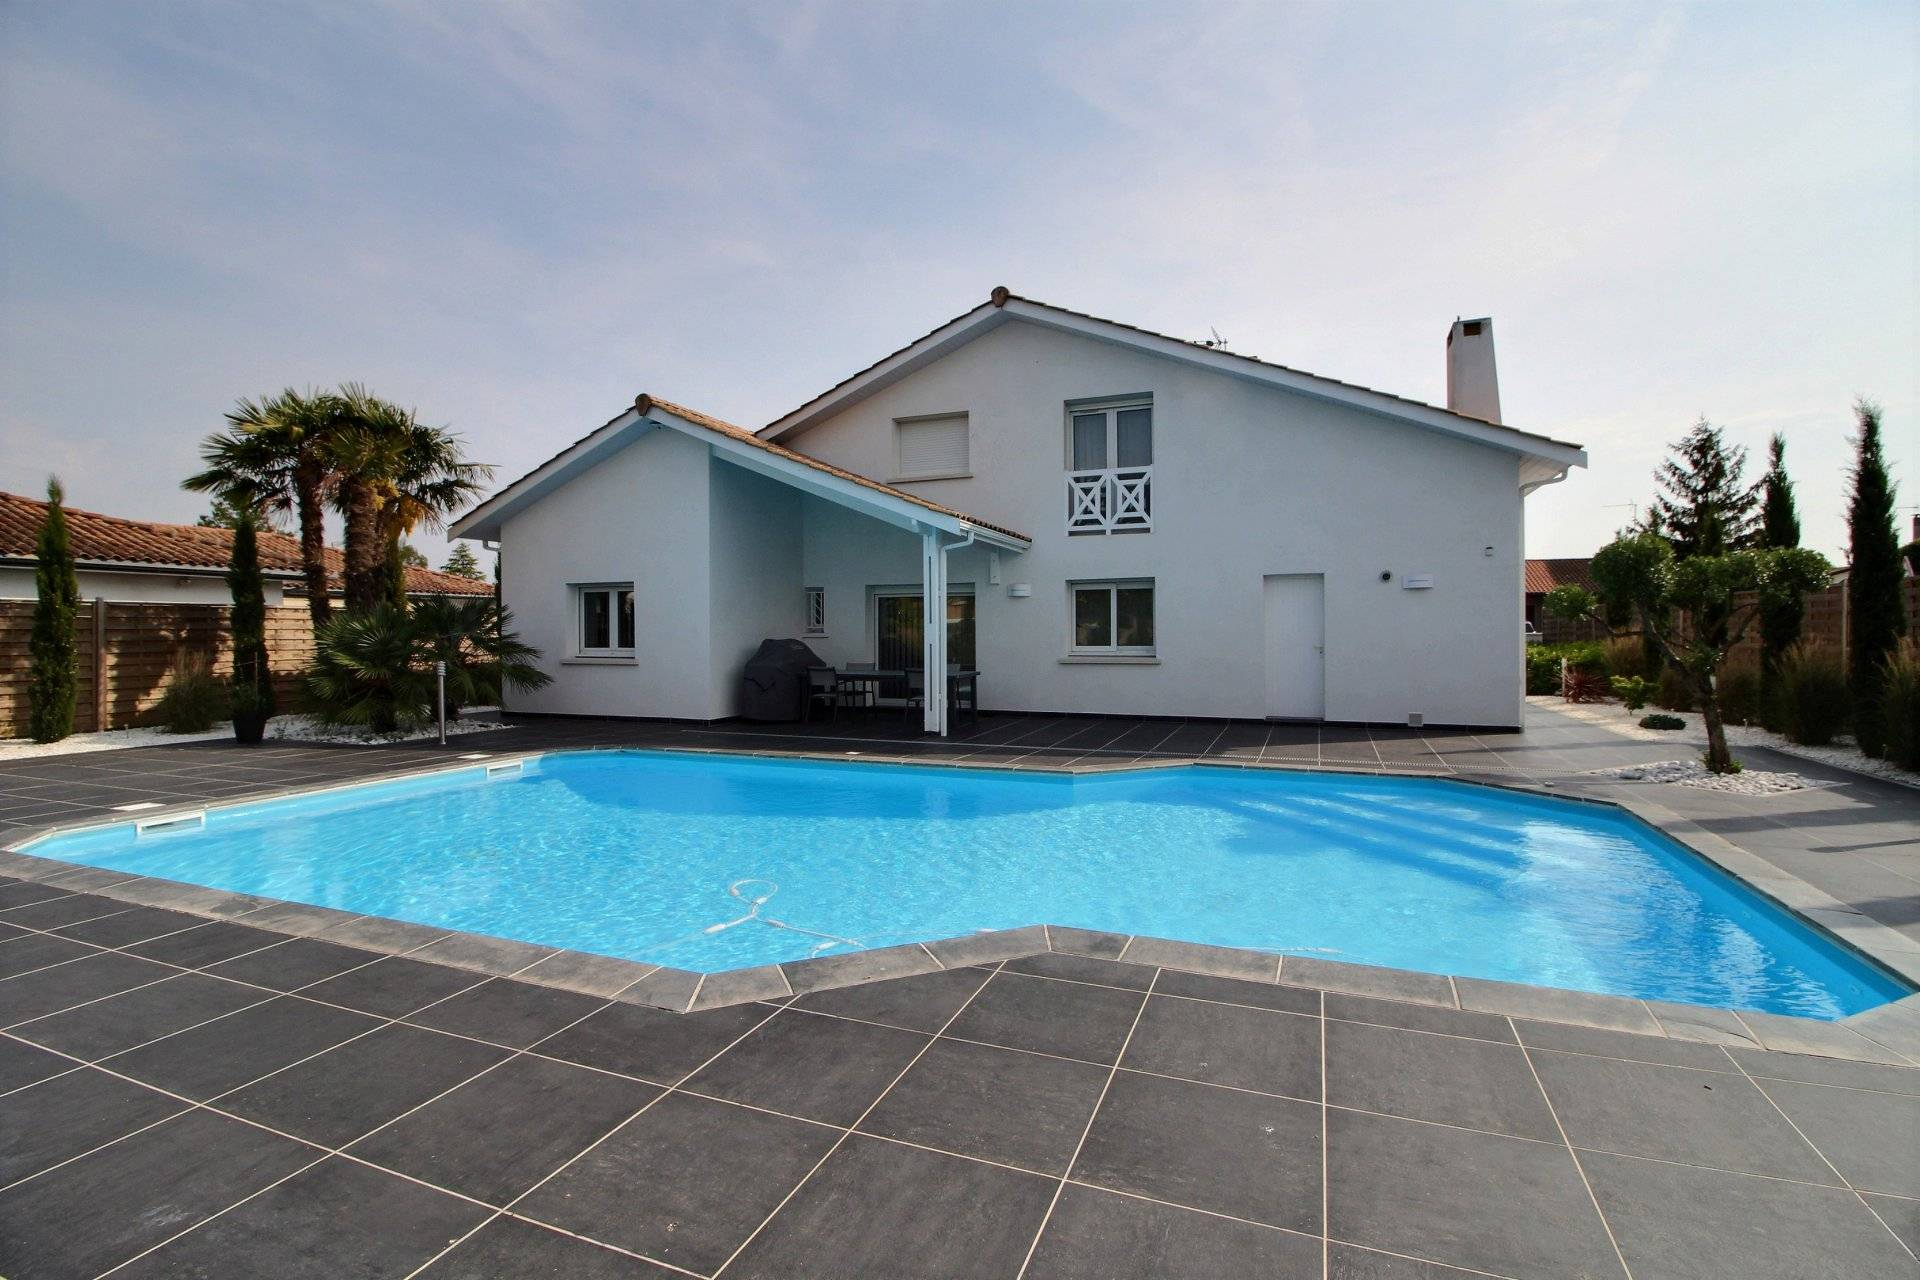 Maison a vendre proche bordeaux LE HAILLAN